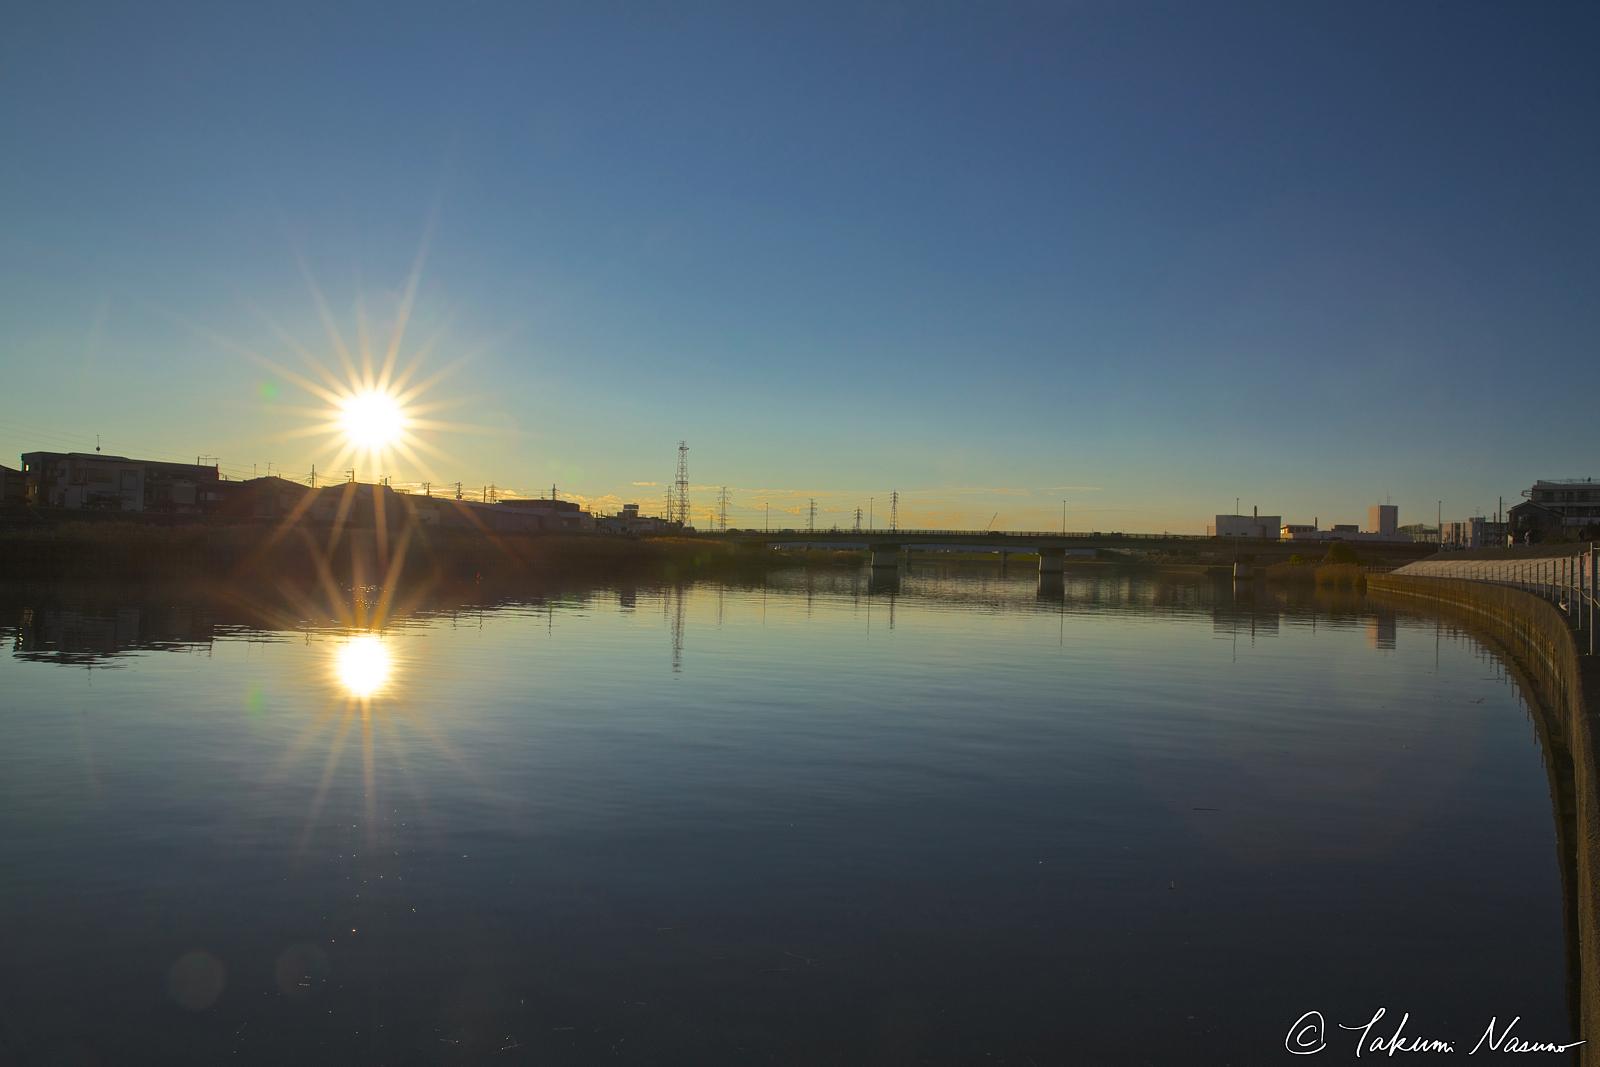 Tsurumi_Tsurumi-River_w01